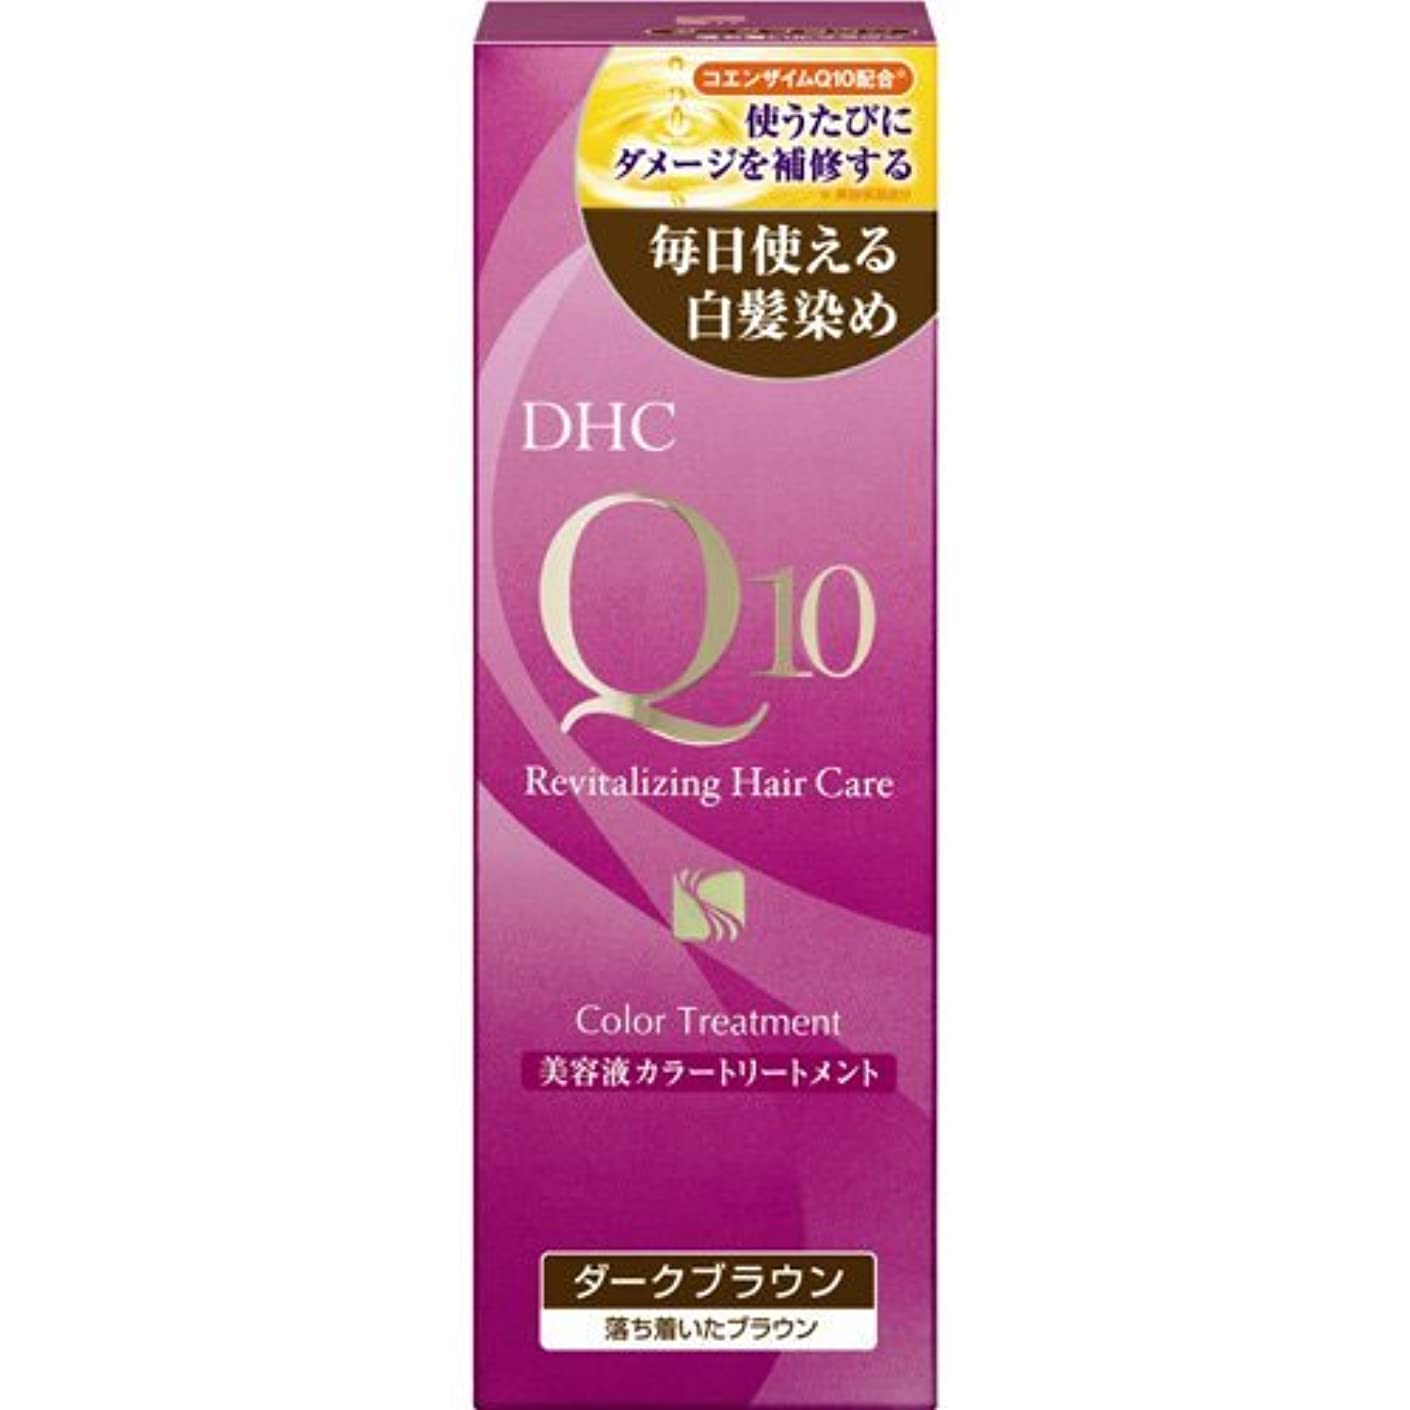 民兵望むモンク【まとめ買い】DHC Q10美溶液カラートリートメントDブラウンSS170g ×3個